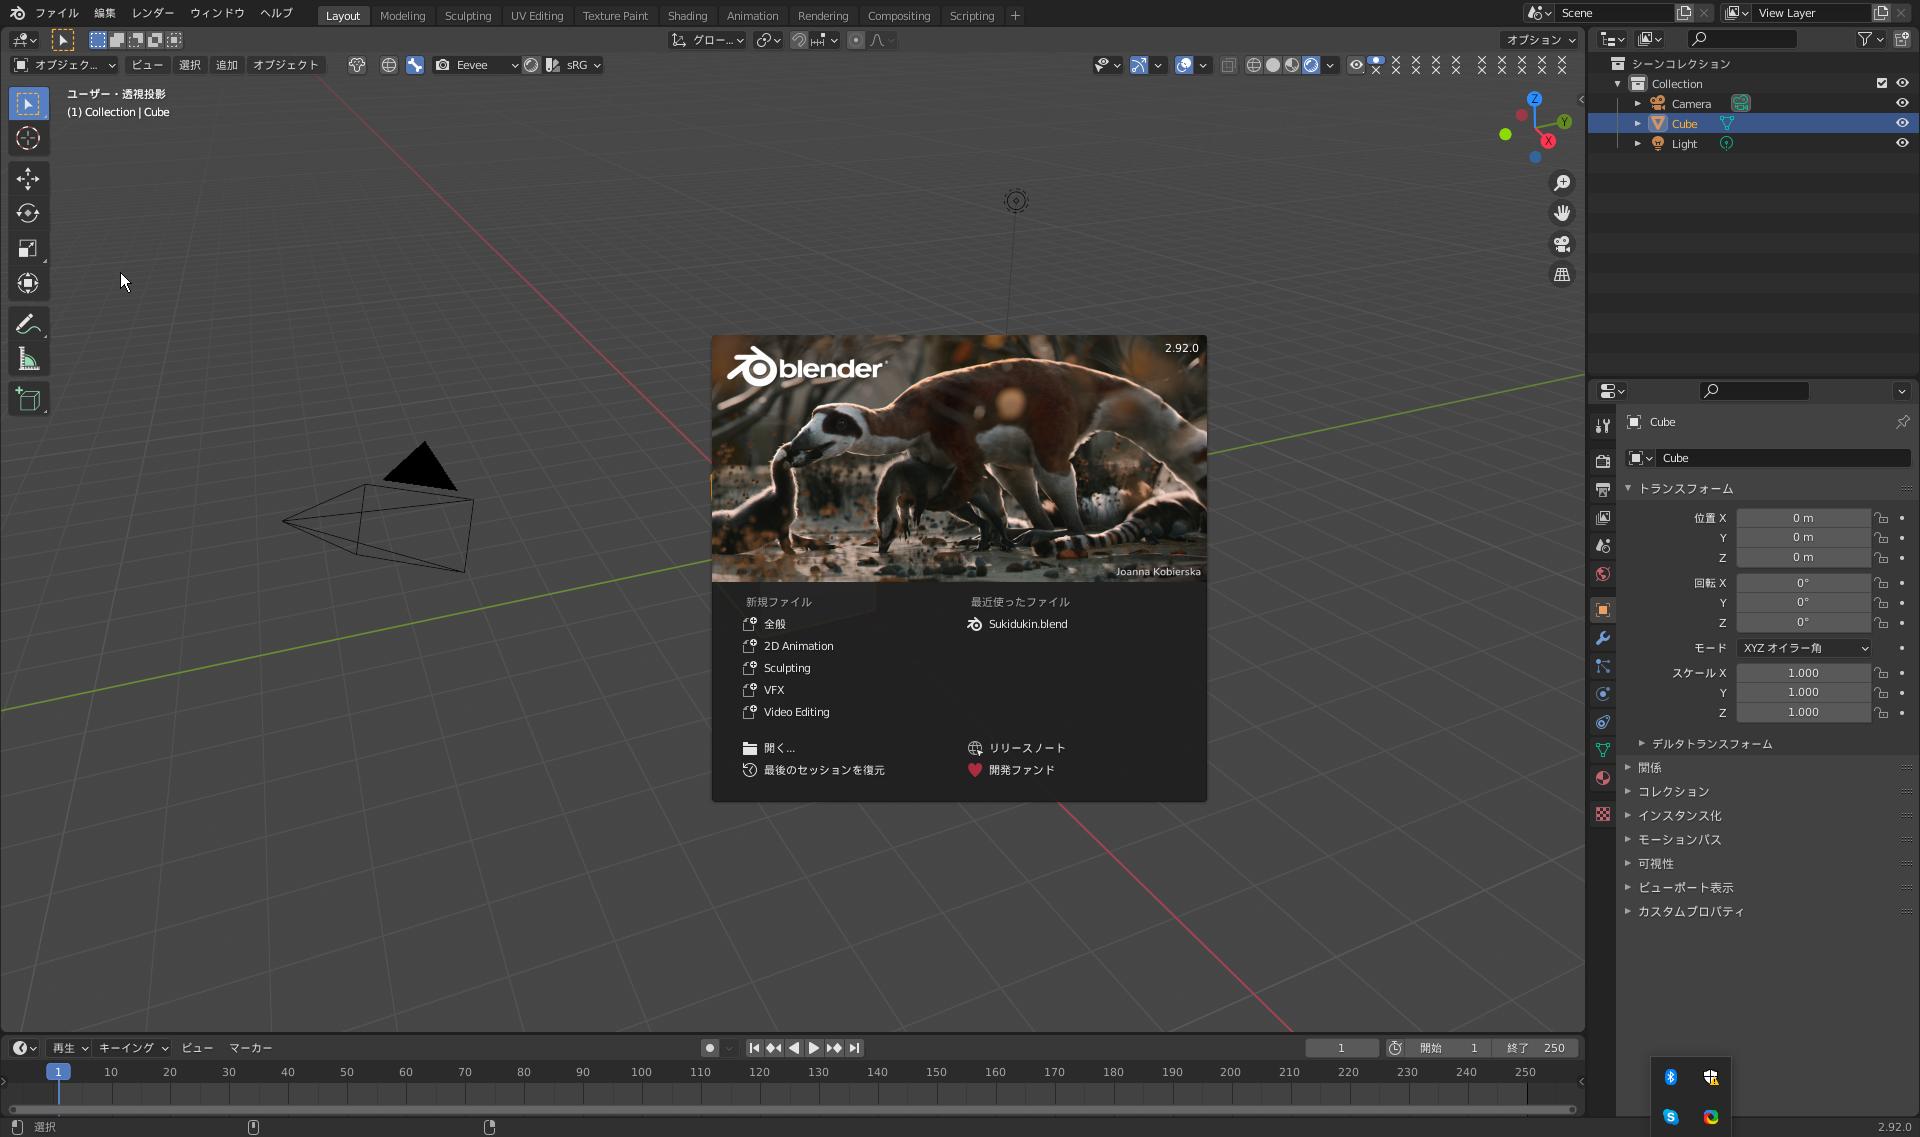 「Blender」の起動直後の画面(画像は「DAIV 4P」で起動したもの)